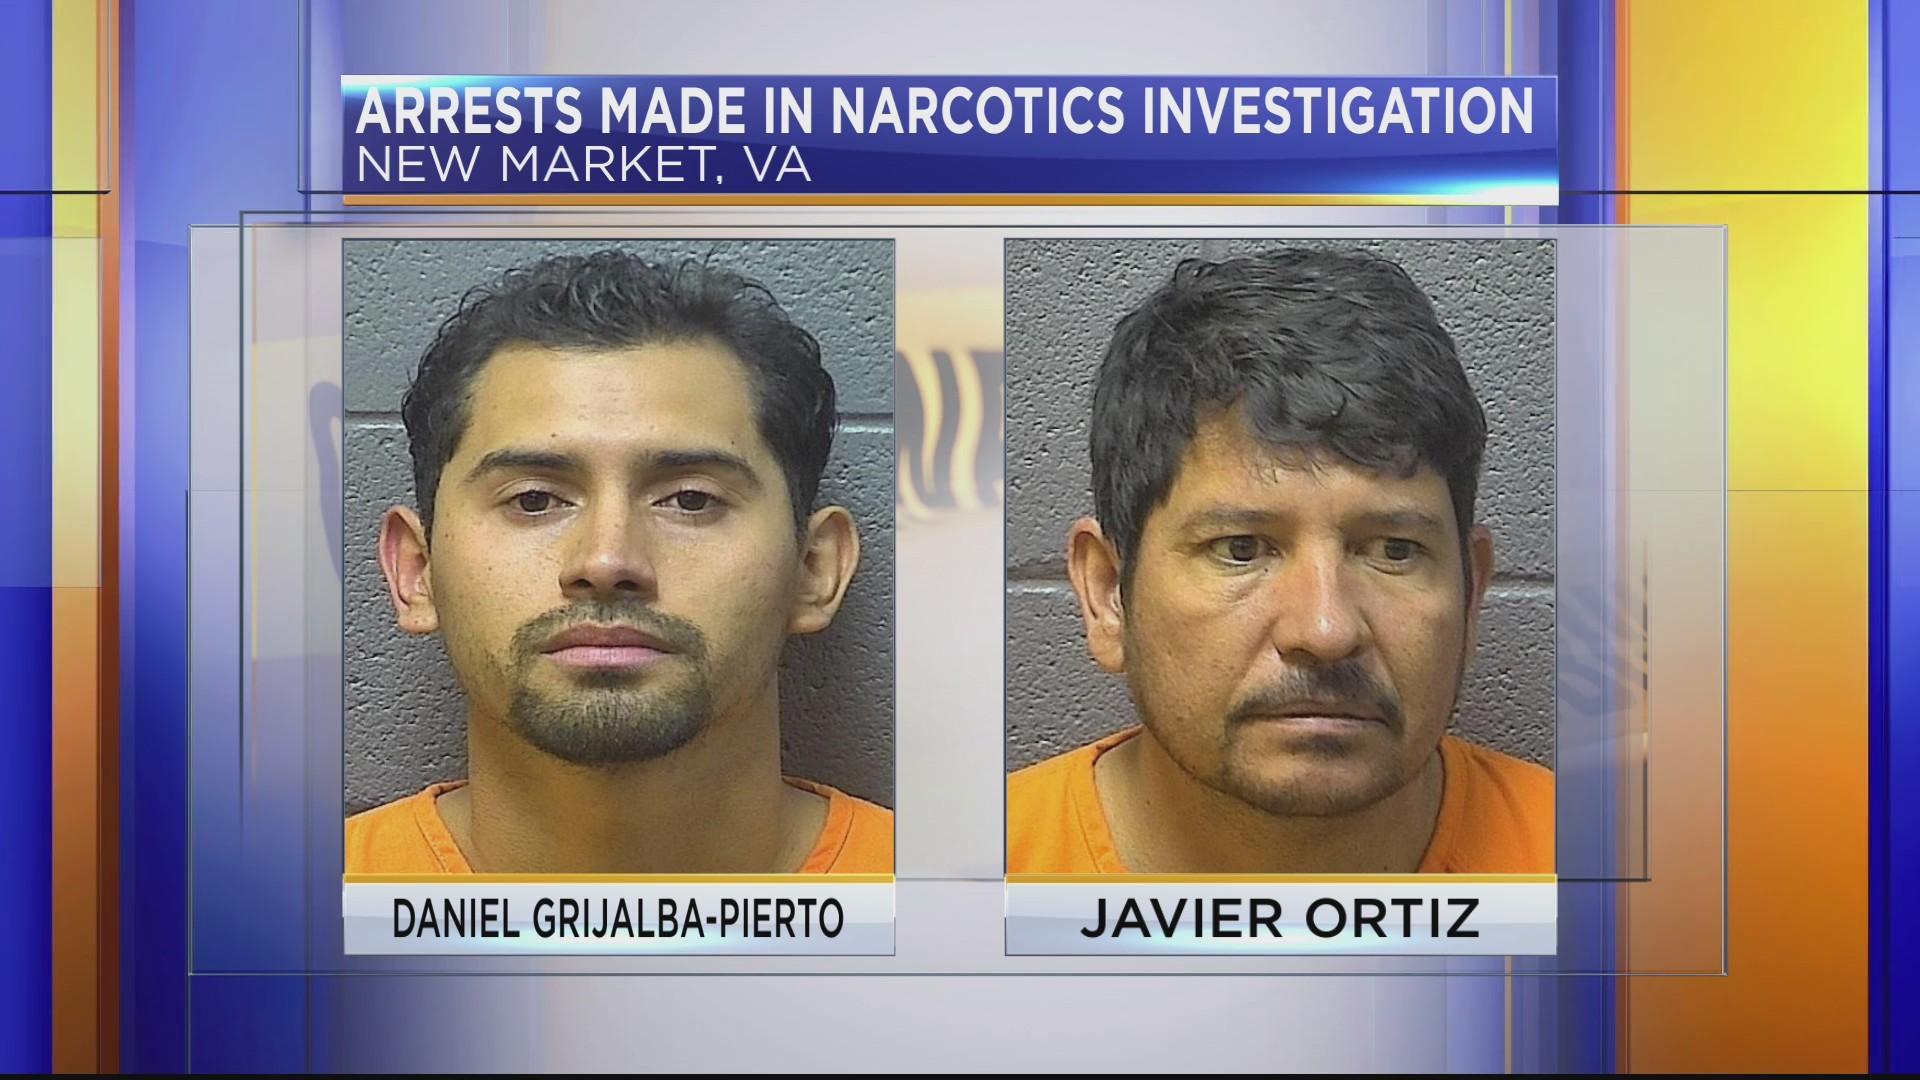 Two men arrested in Shenandoah County narcotics investigation